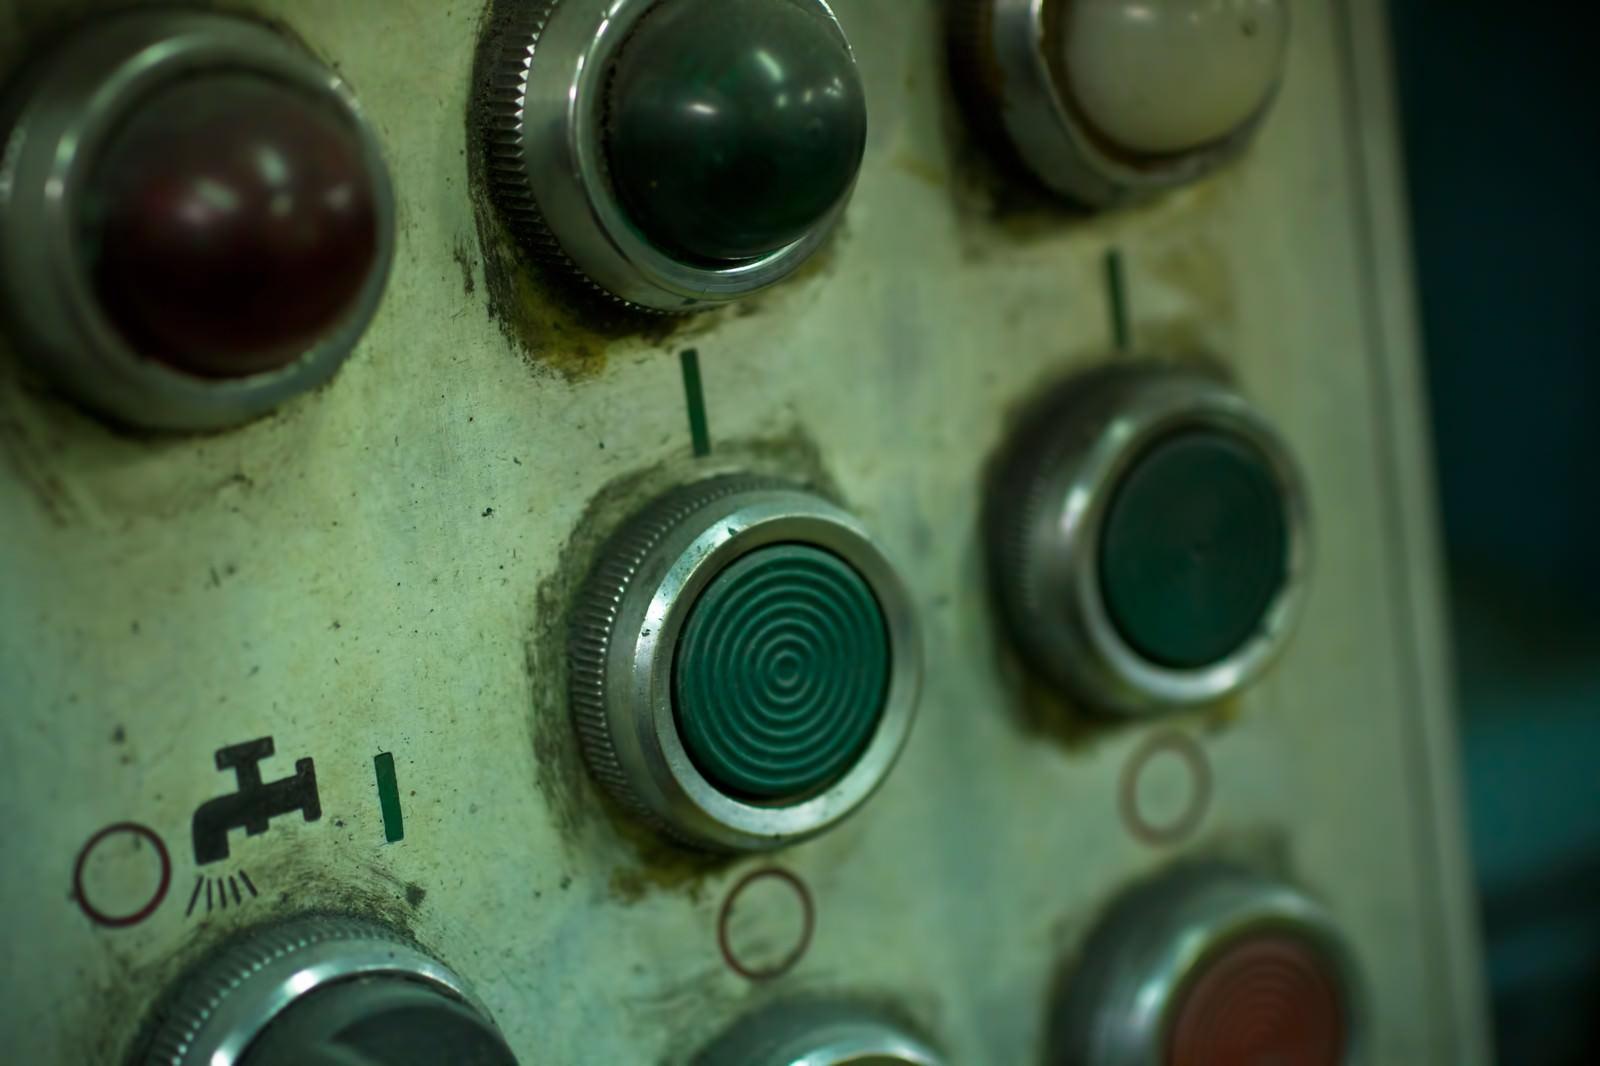 機械のスイッチボタン機械のスイッチボタン